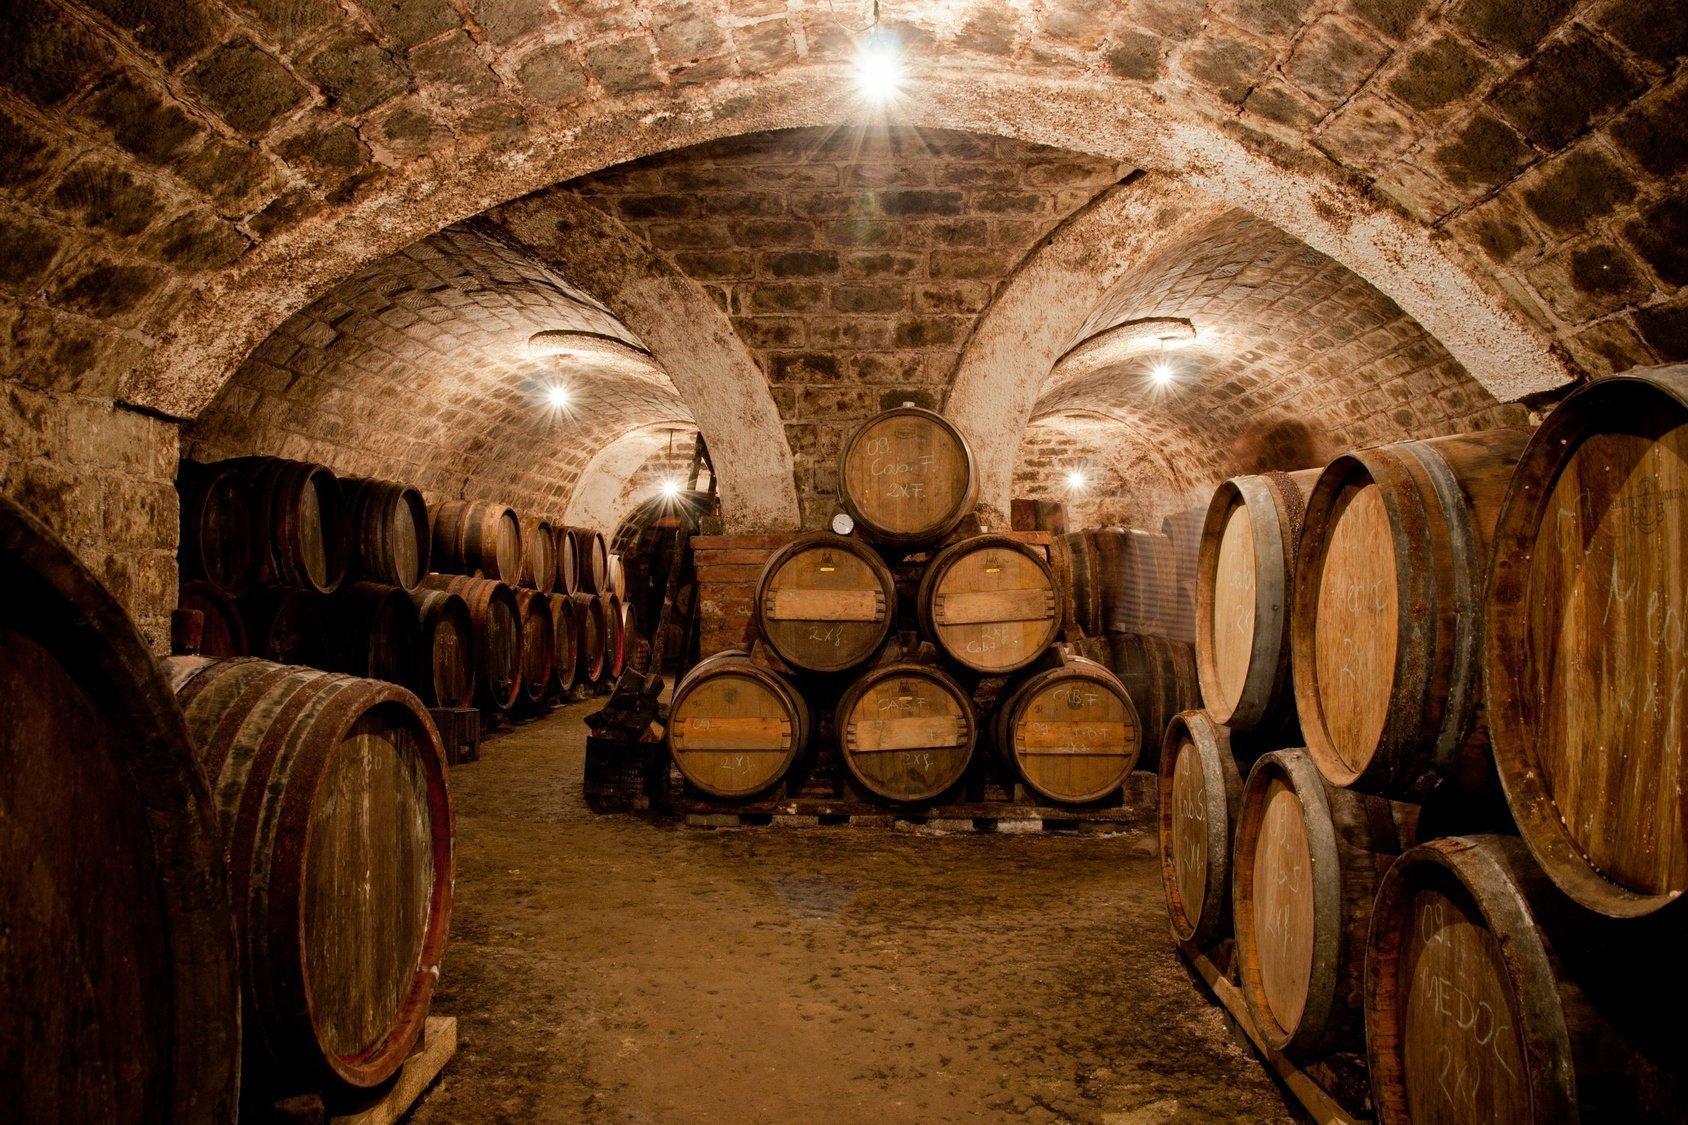 Italiani in vacanza: degustazione di vini e percorsi enogastronomici